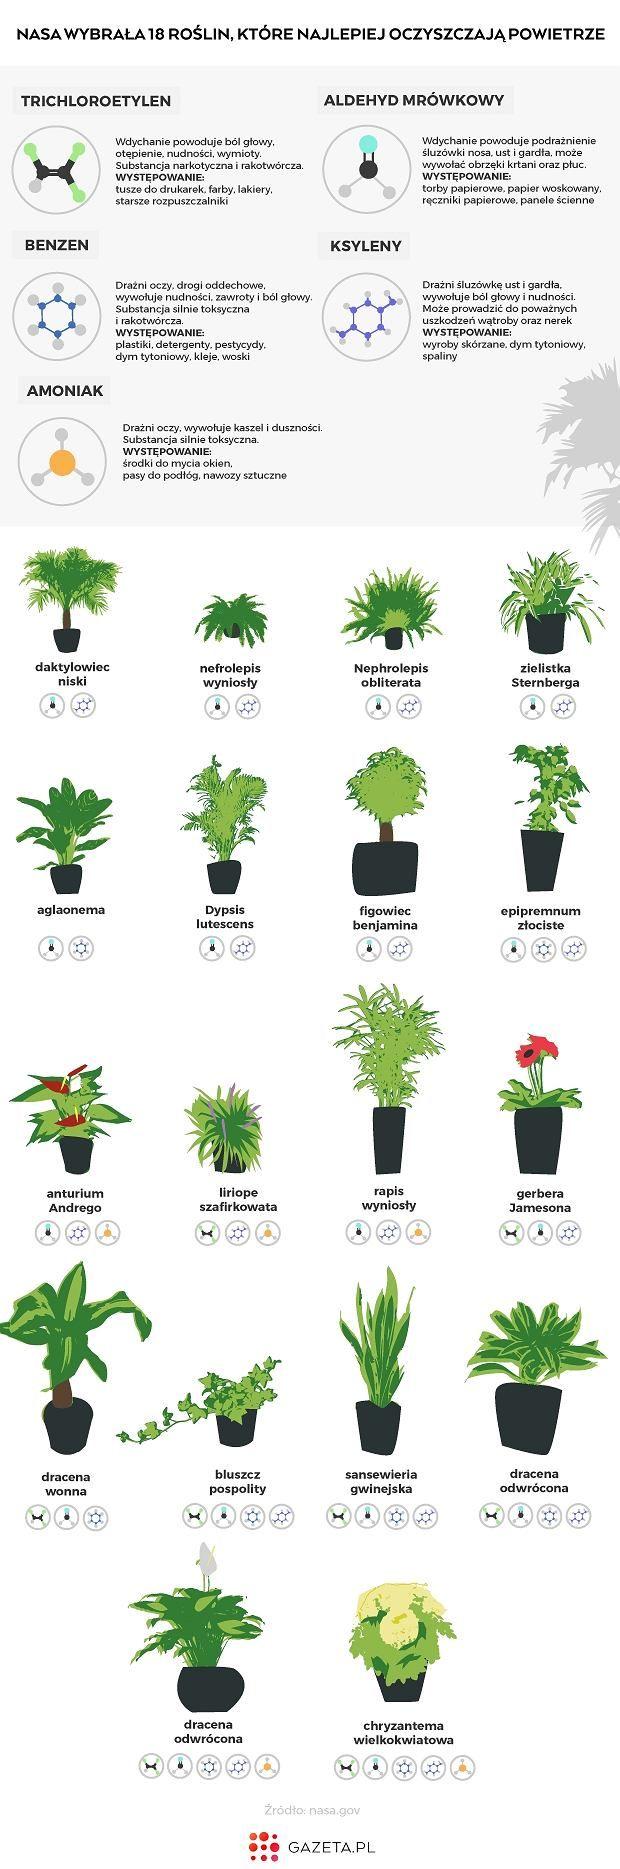 Nasa Wybrala 18 Roslin Ktore Najlepiej Oczyszczaja Powietrze Plant Identification Plants Side Garden